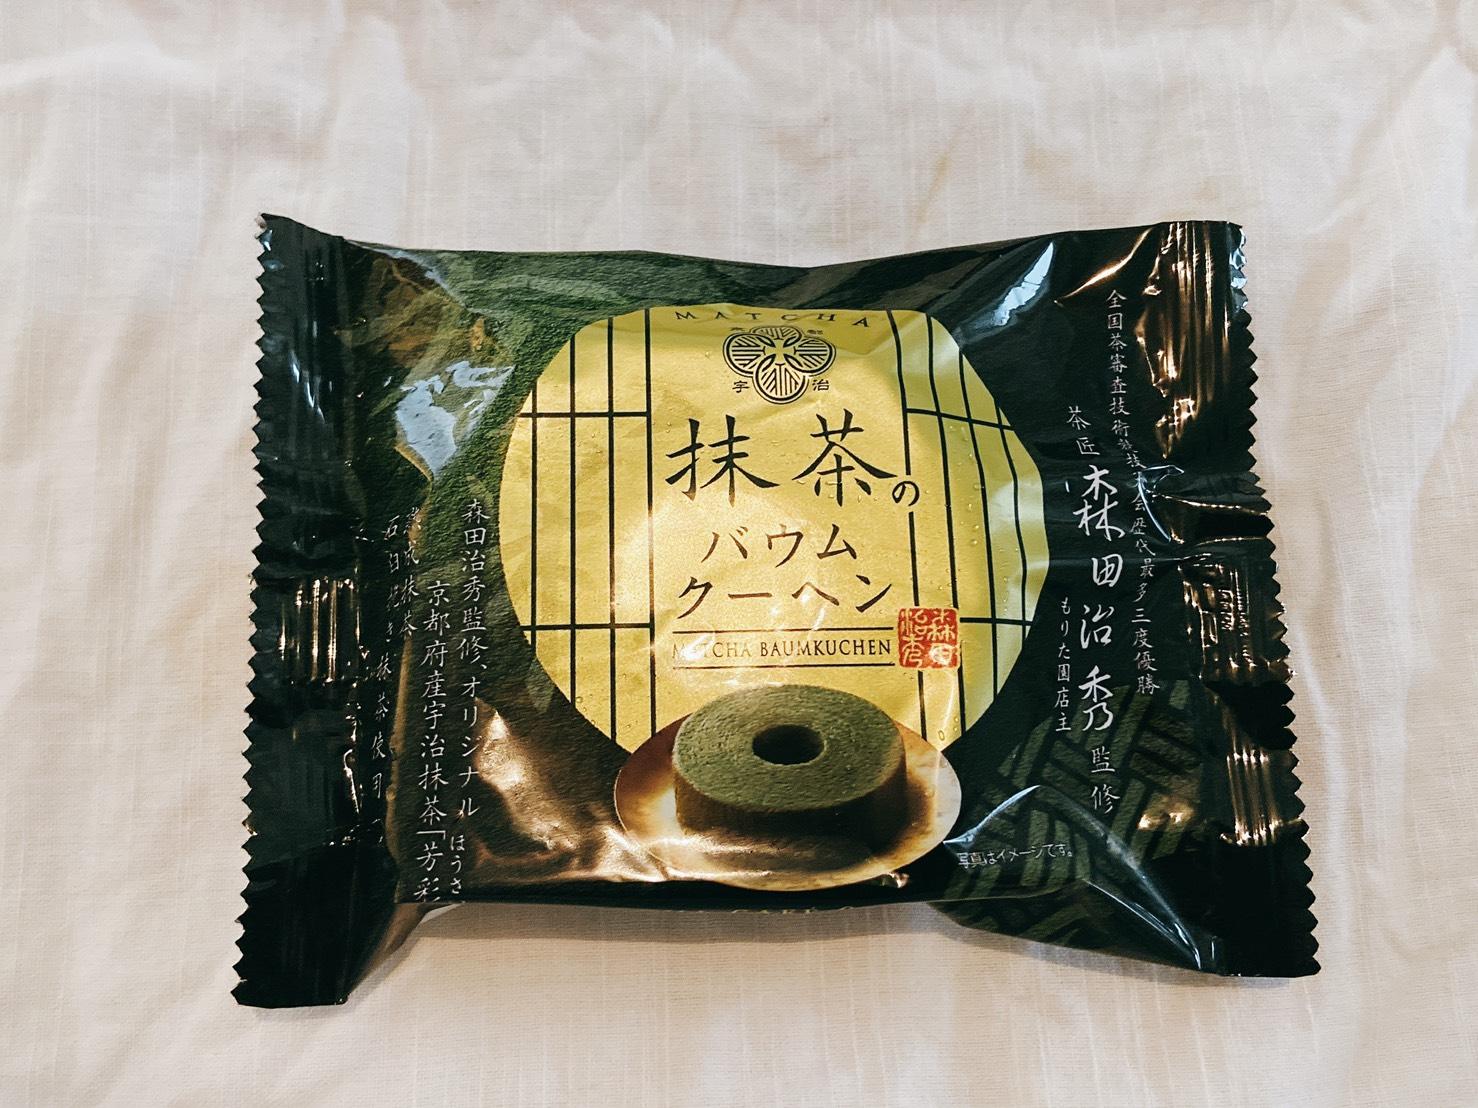 【新発売】抹茶焼き菓子3種食べ比べ!ファミマの宇治抹茶づくしレポ第2弾【食レポ】_4